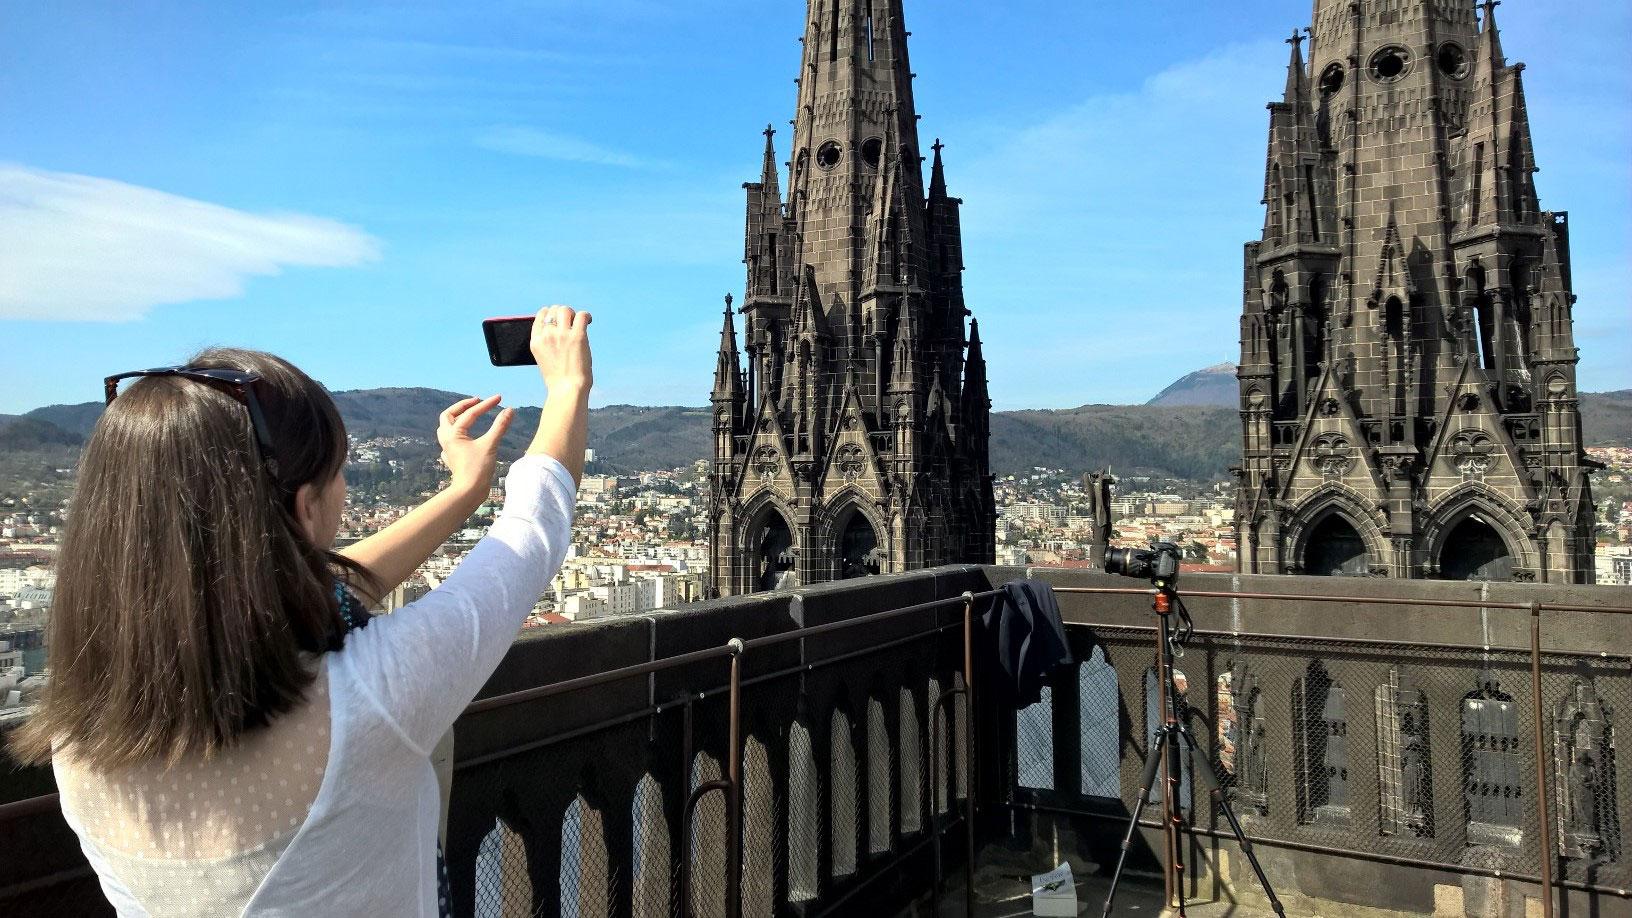 Torres de la Catedral de Clermont Ferrand